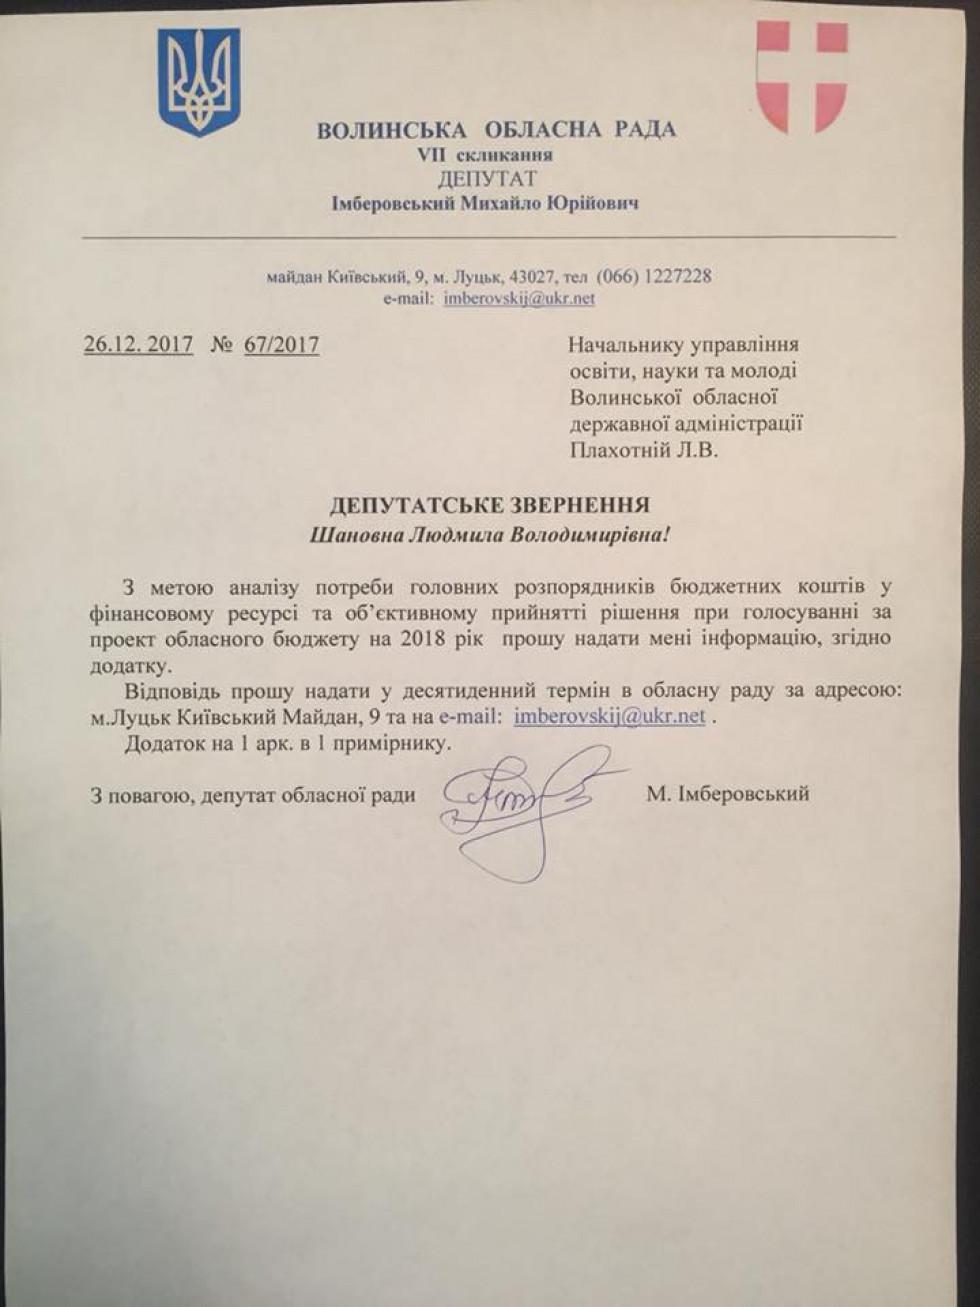 Депутатське звернення начальнику управління освіти, науки та молоді Волинської ОДА Людмилі Плахотній.